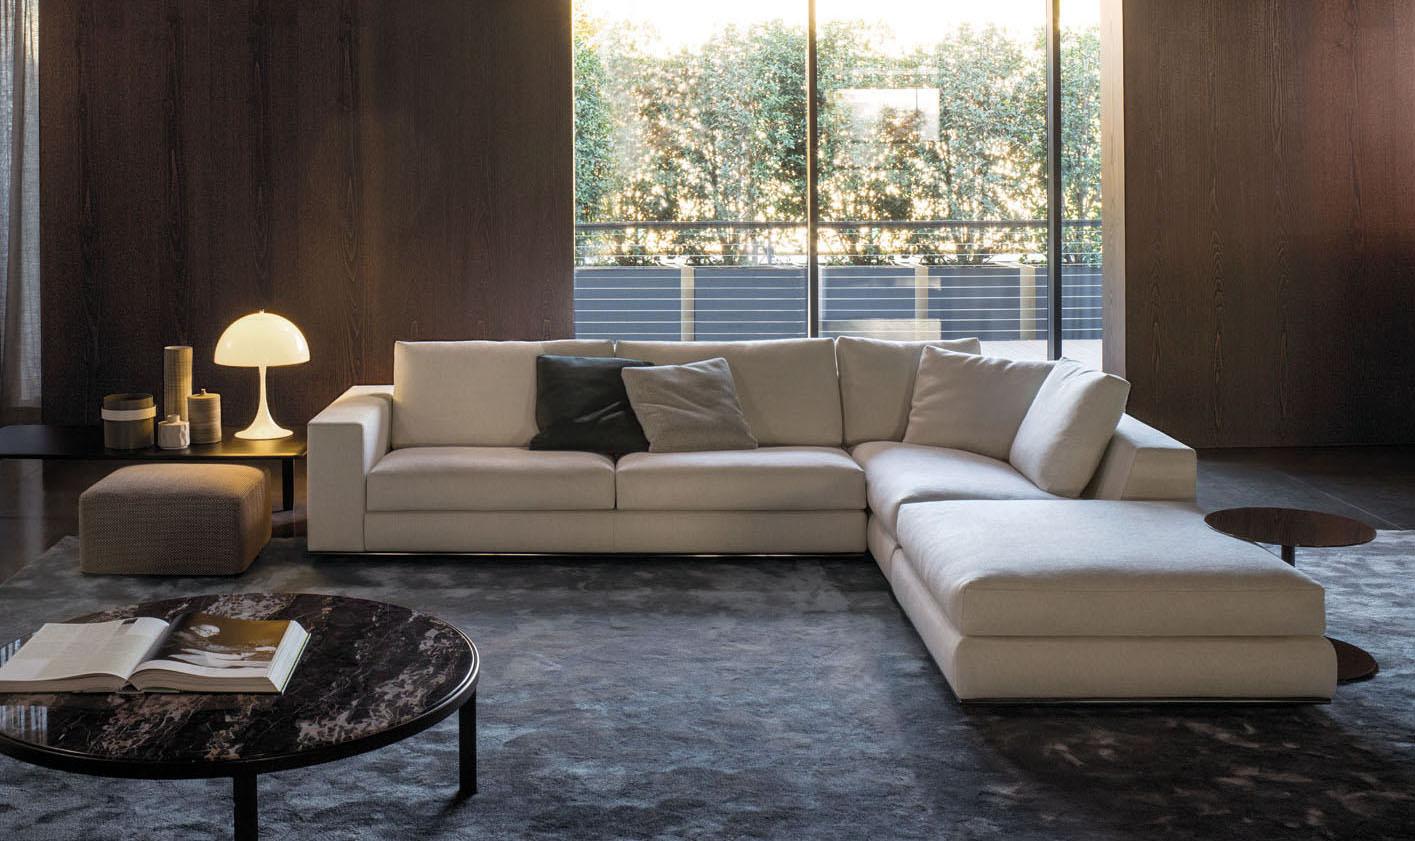 sectional sofa on sale black and white striped fabric hamilton modulo | designed by rodolfo dordoni, minotti ...